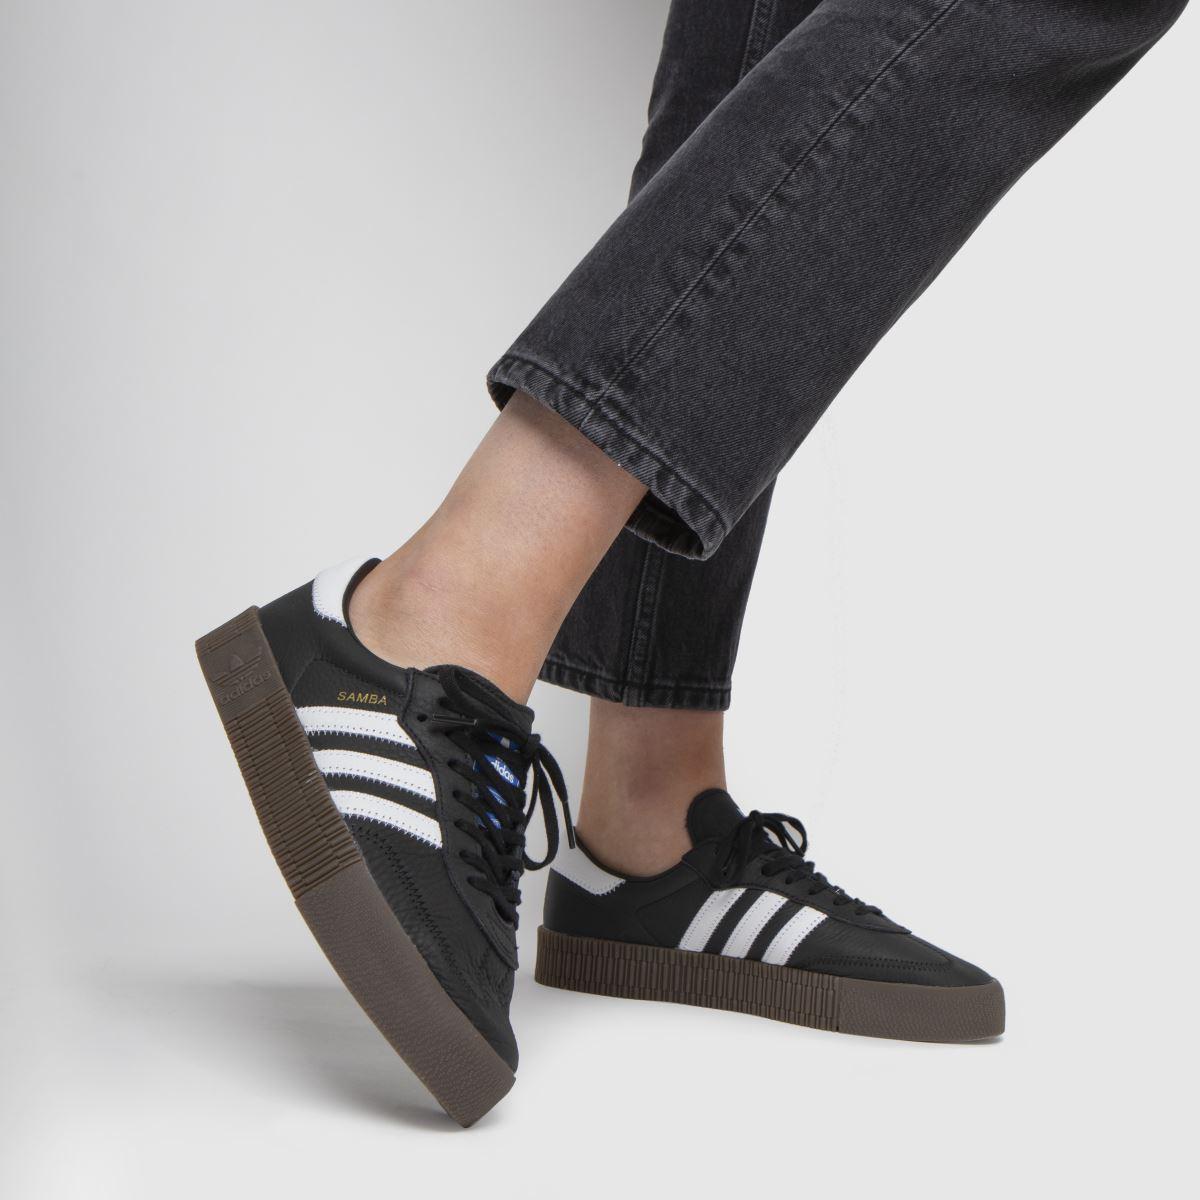 Damen Schwarz-weiß adidas Sambarose Sneaker | schuh Gute Qualität beliebte Schuhe